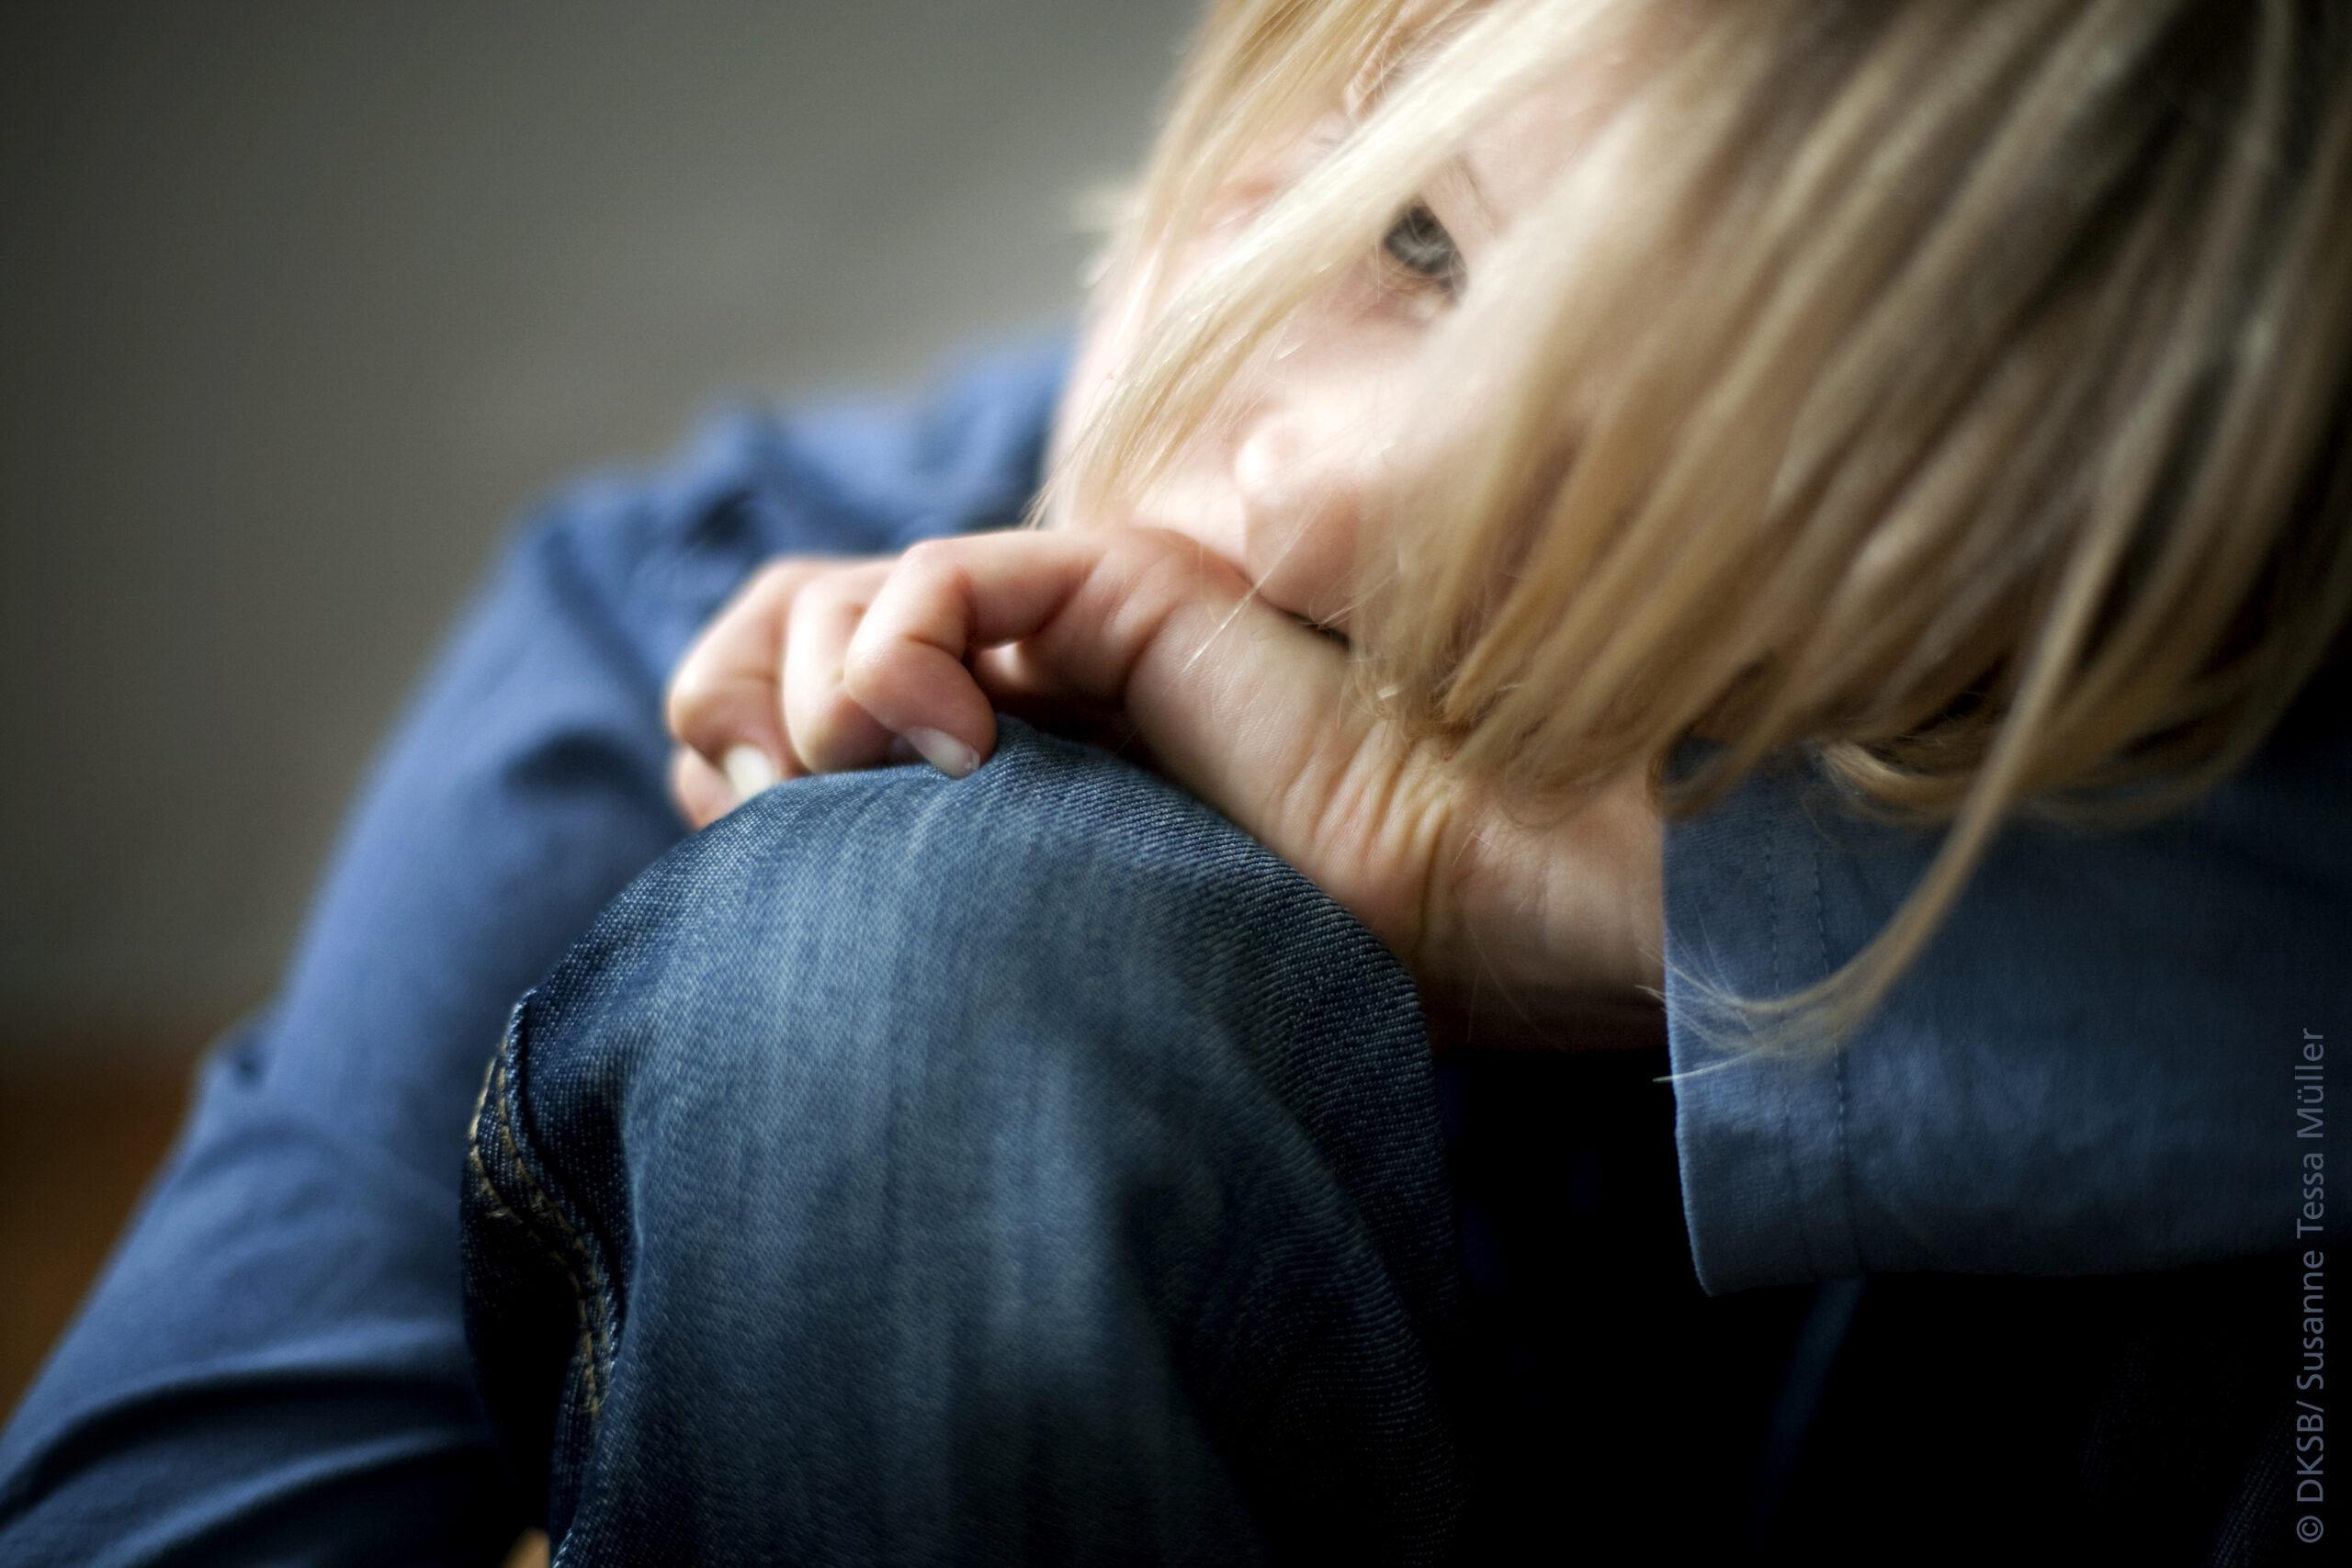 Ein Kind sitzt und denkt nach